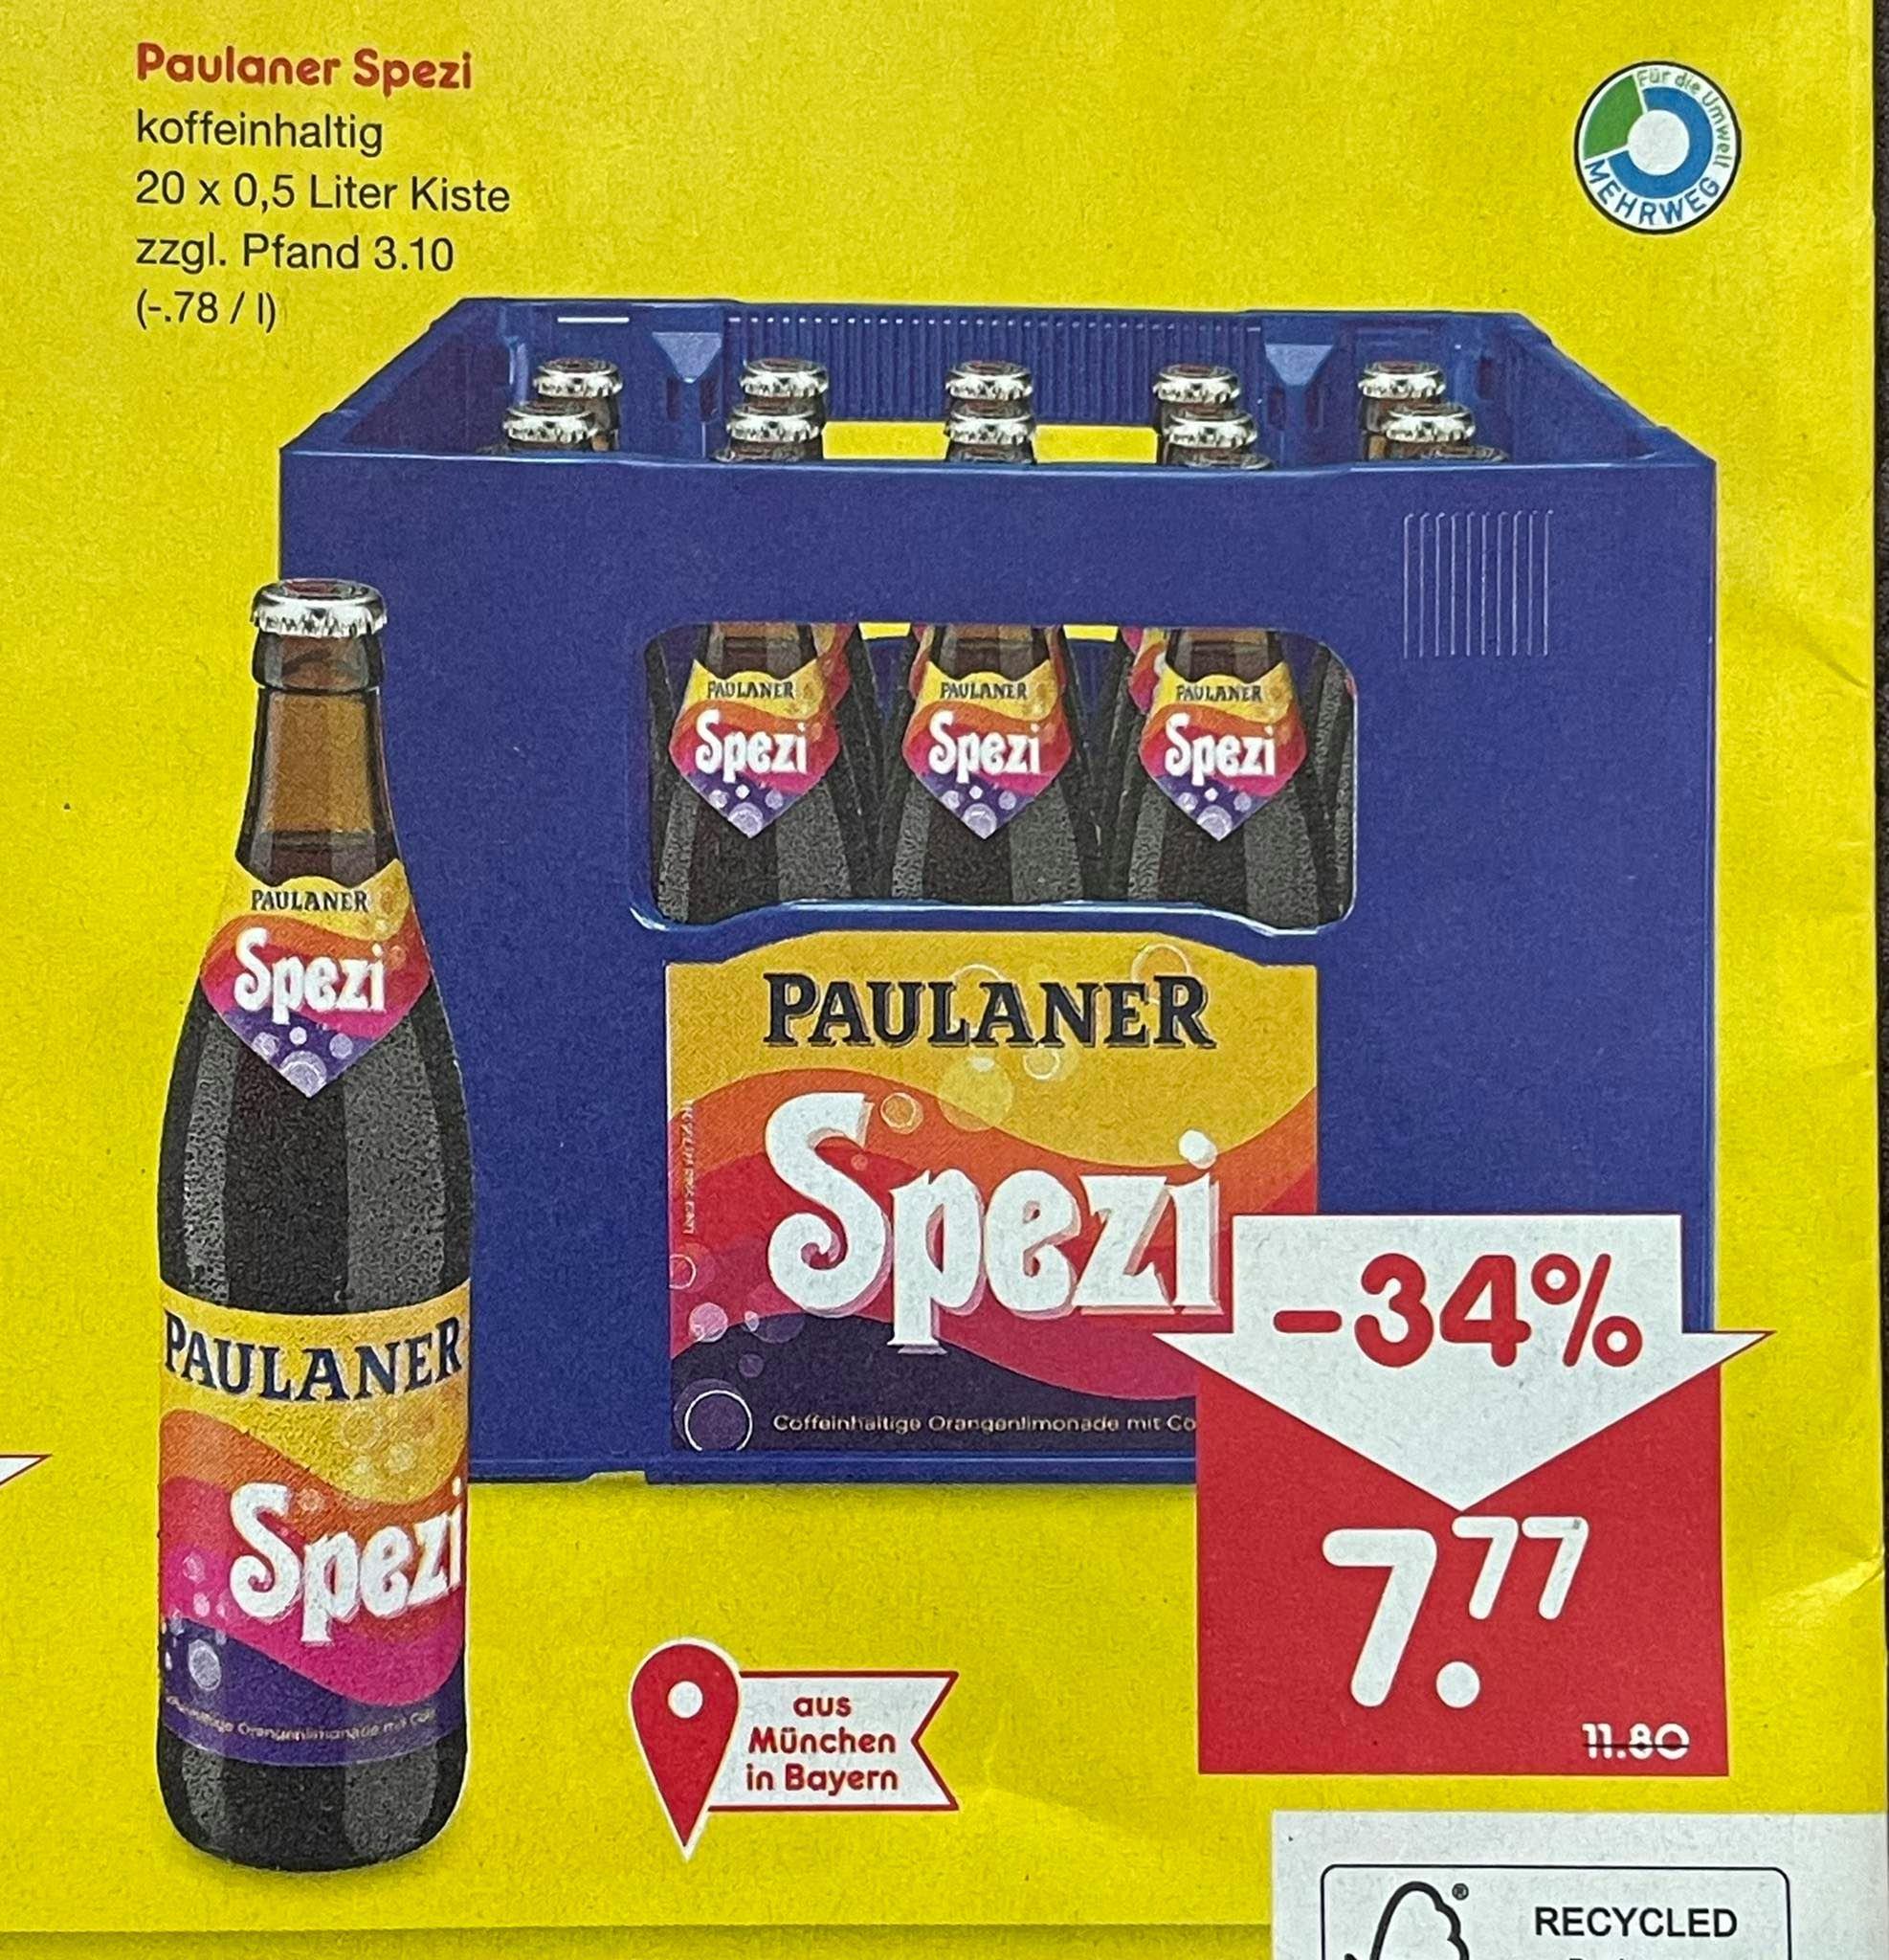 Paulaner Spezi - 20 x 0,5l für 7,77 € (+ 3,10€ Pfand) [Netto - lokaler Samstagskracher]